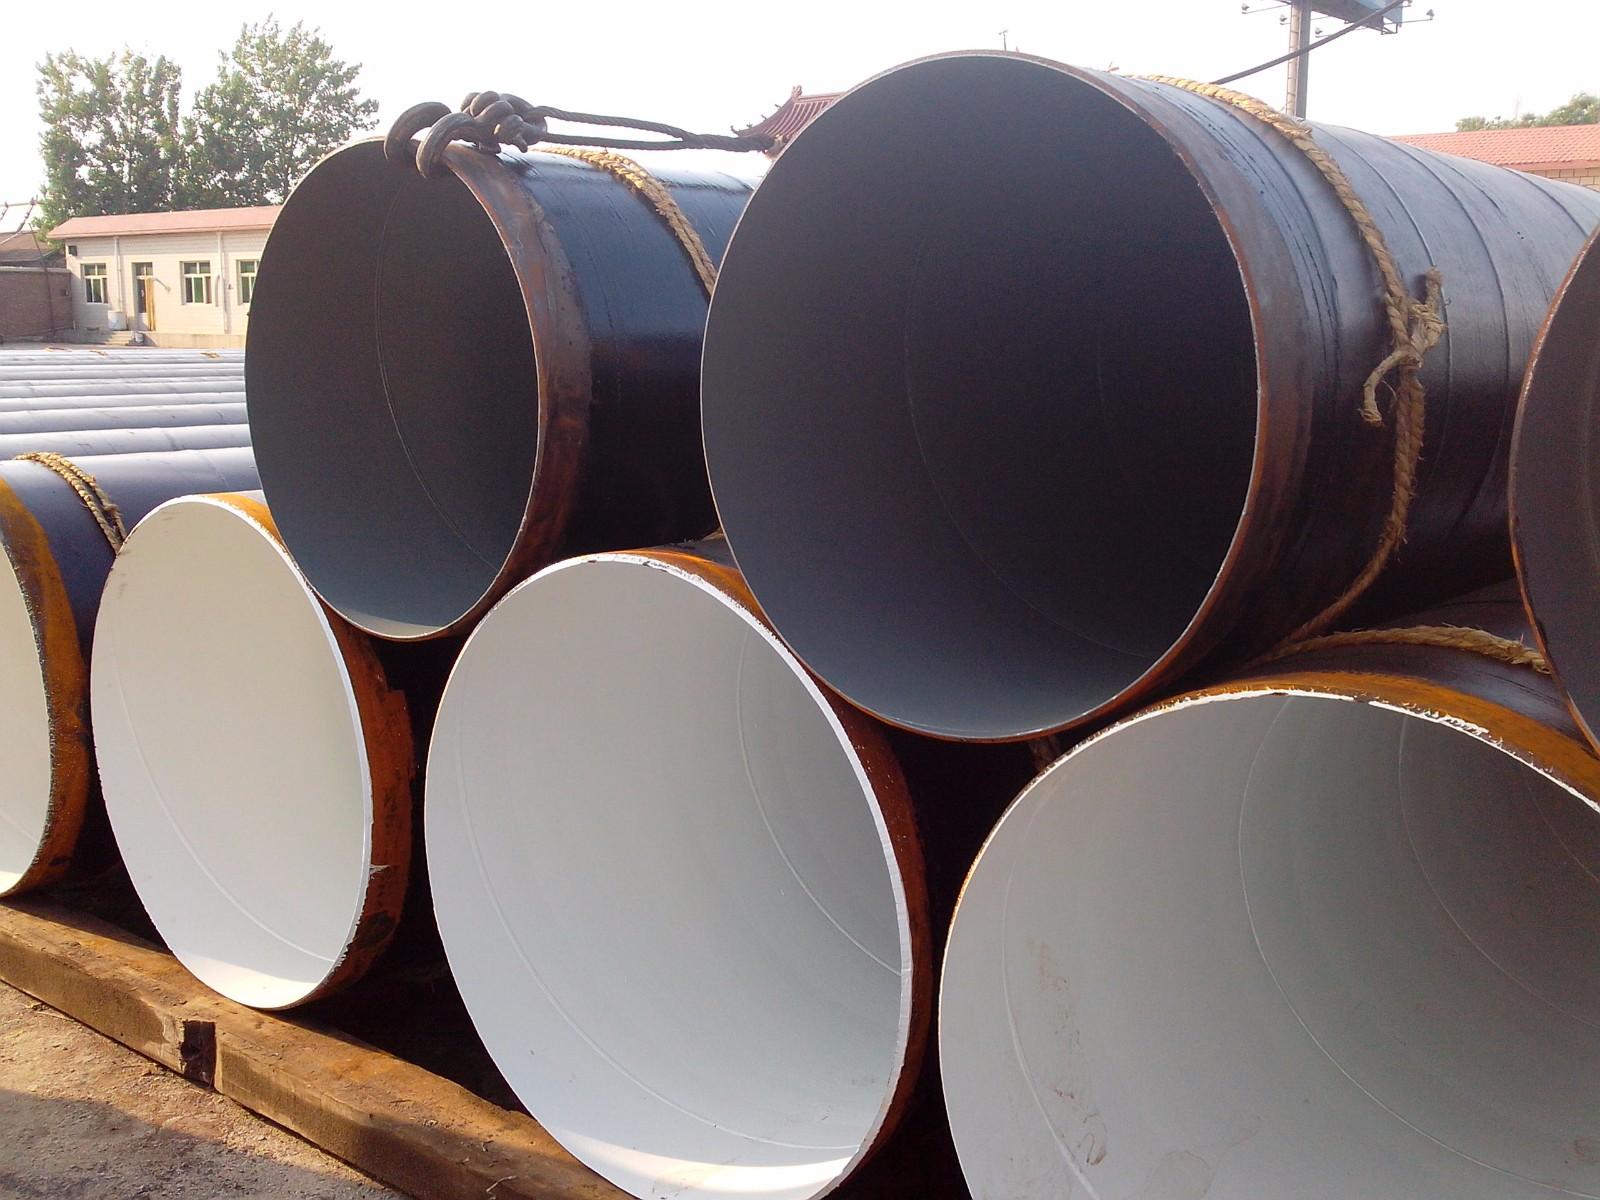 環氧富鋅防腐鋼管|環氧富鋅防腐-滄州市鑫宜達鋼管集團股份有限公司.